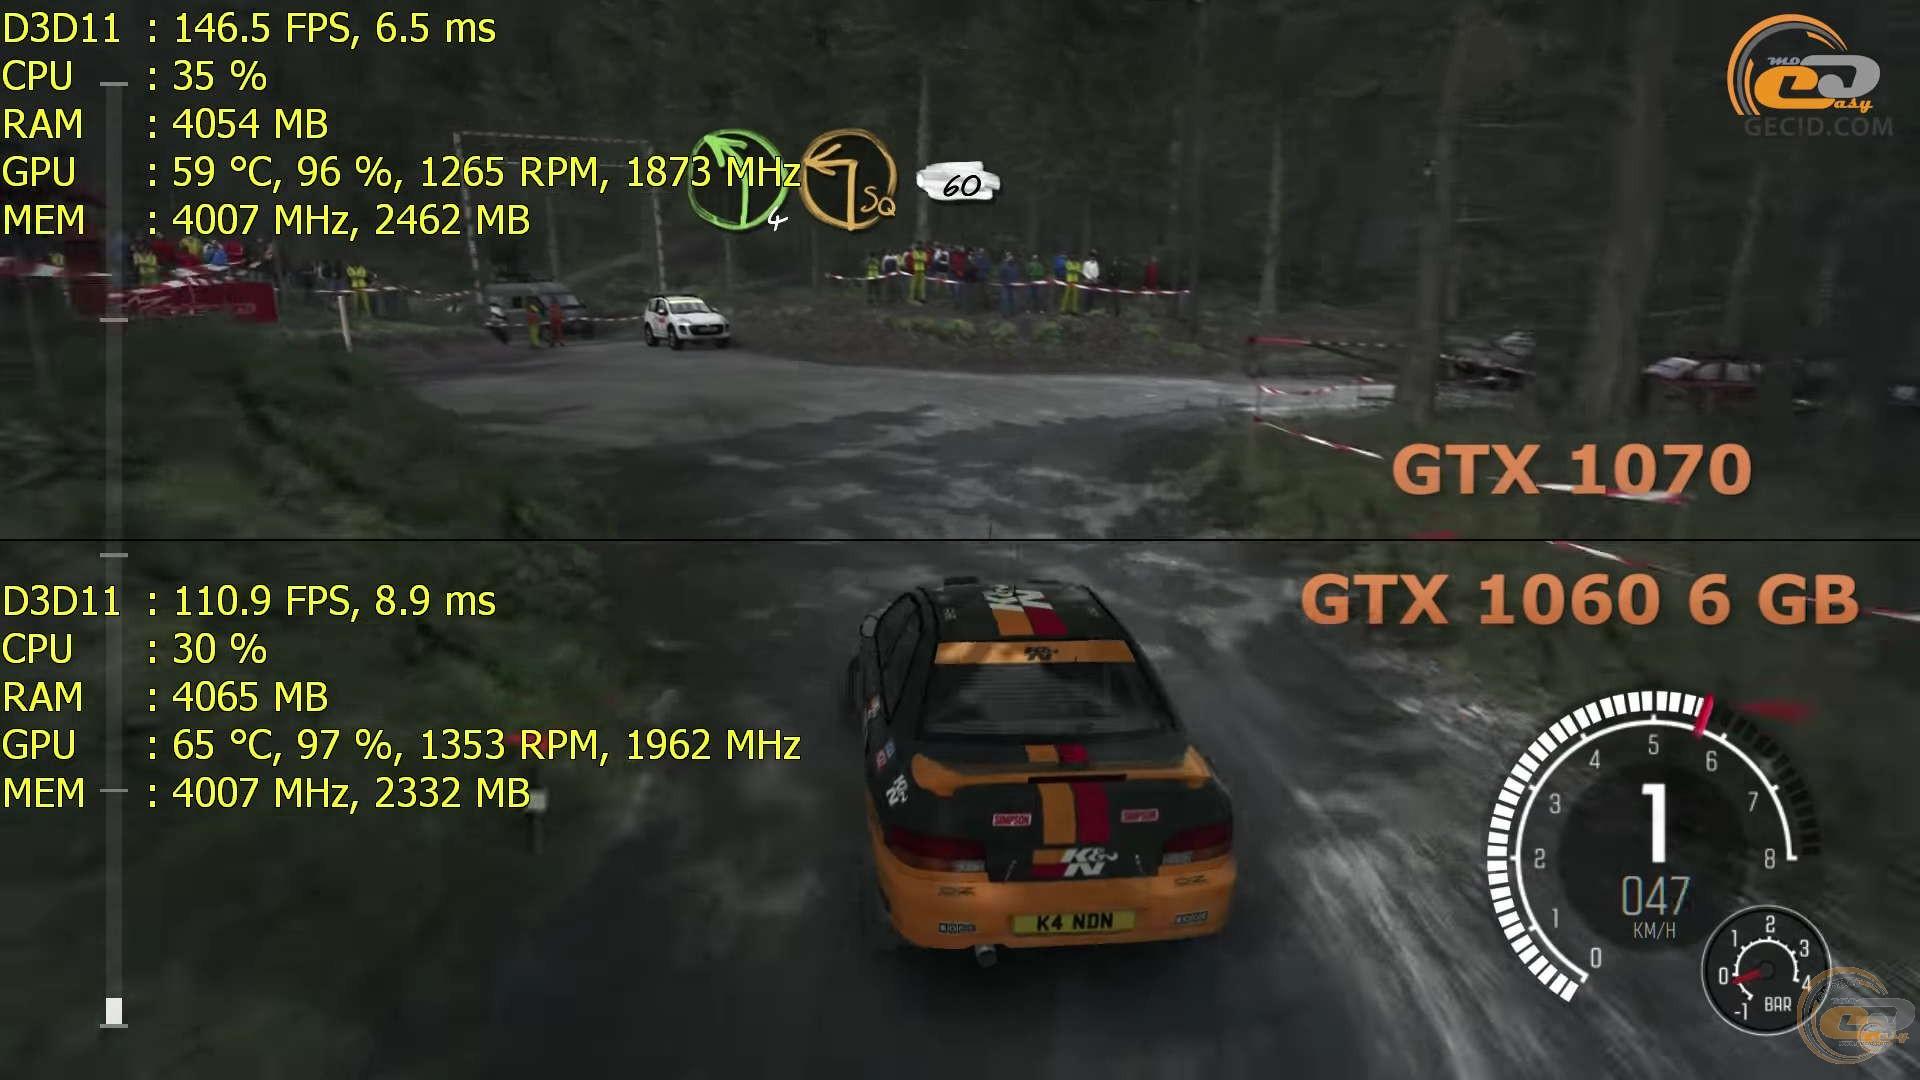 Сравнение GeForce GTX 1060 6GB и GeForce GTX 1070: для тех